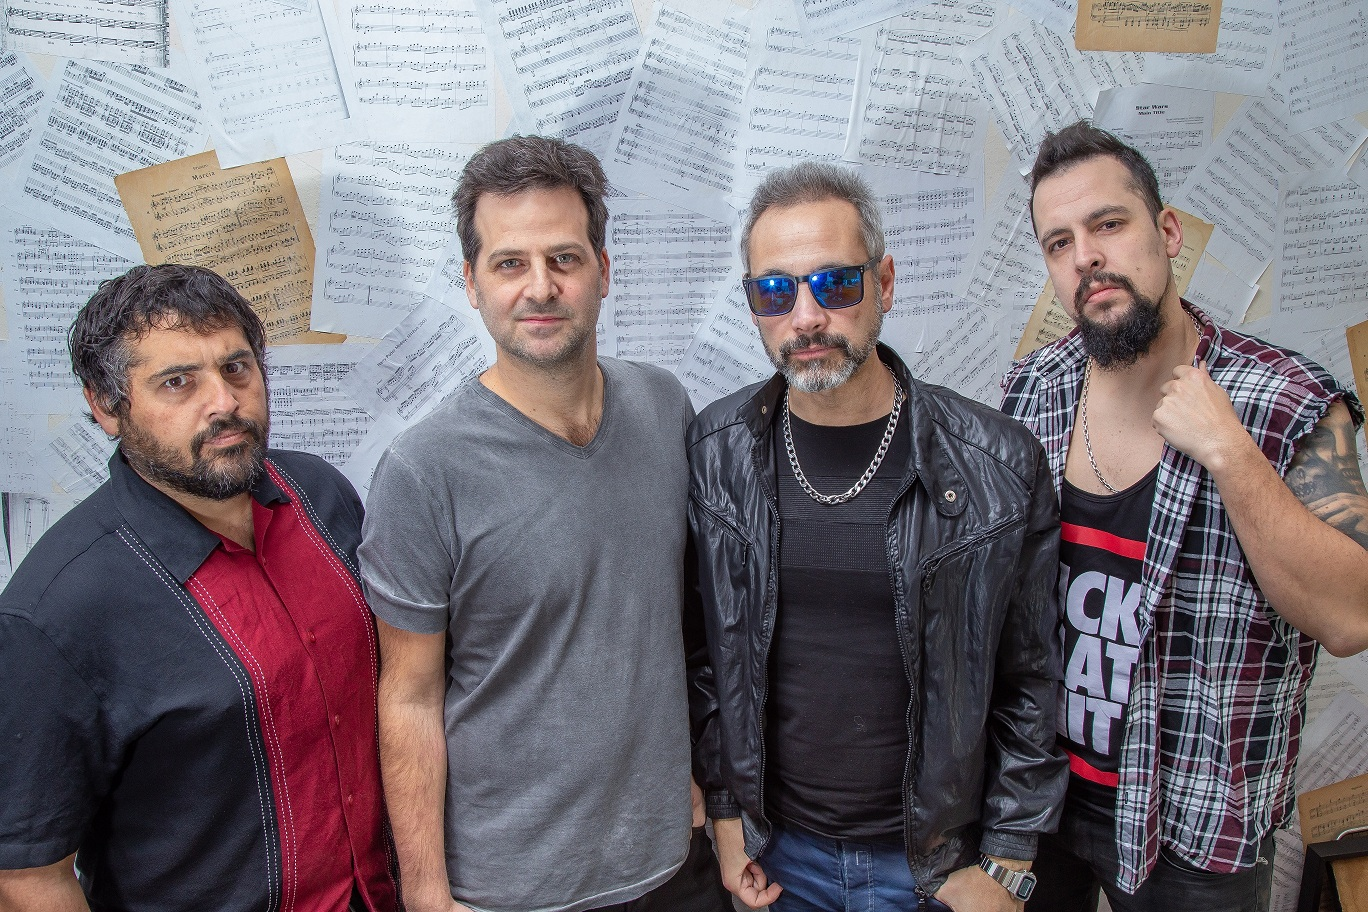 La banda Corderos grabará un show en 360 grados